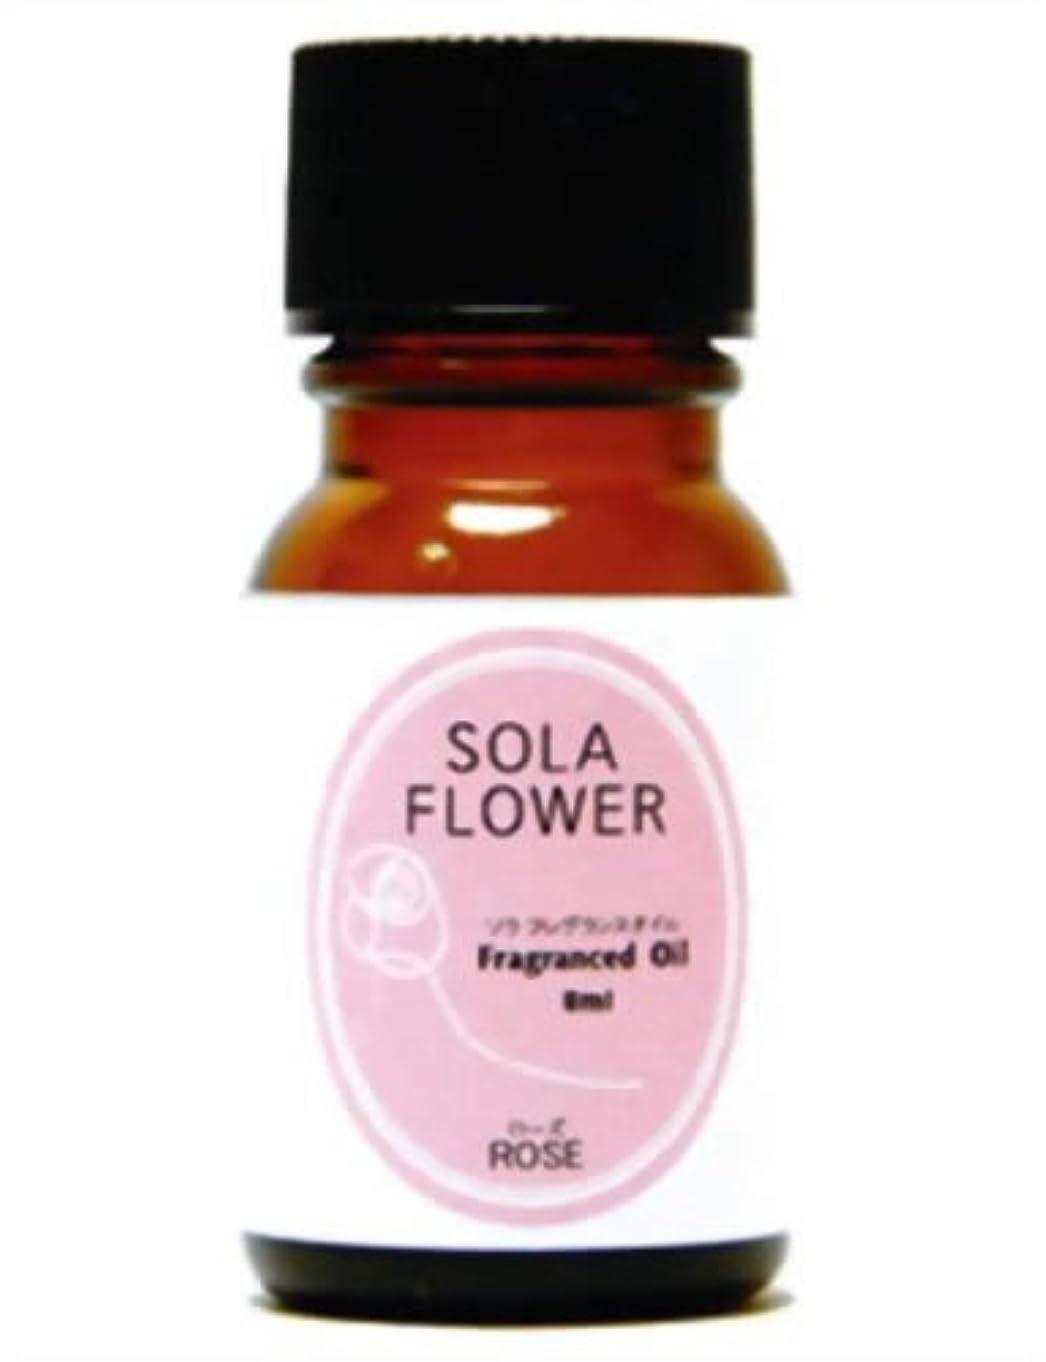 ポーン簡単に素敵なソラ フレグランスオイル ローズ 8ml